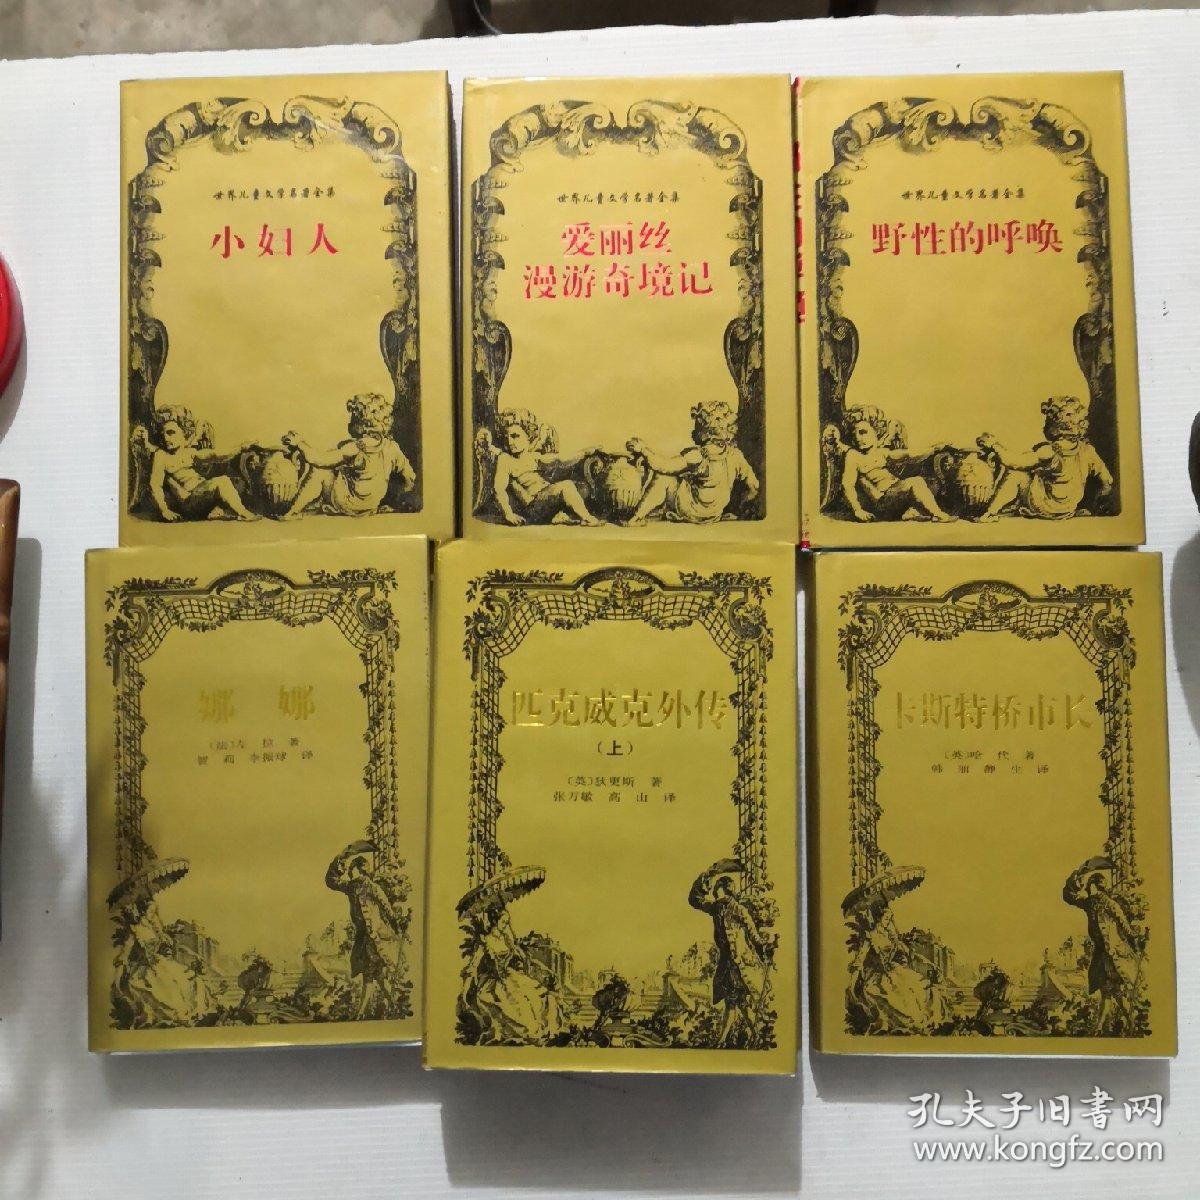 爱丽丝漫游奇境记 小妇人 野性的呼唤 娜娜  匹克威克外传 卡斯特桥市长  世界儿童文学名著全集(共7本)一本5元。